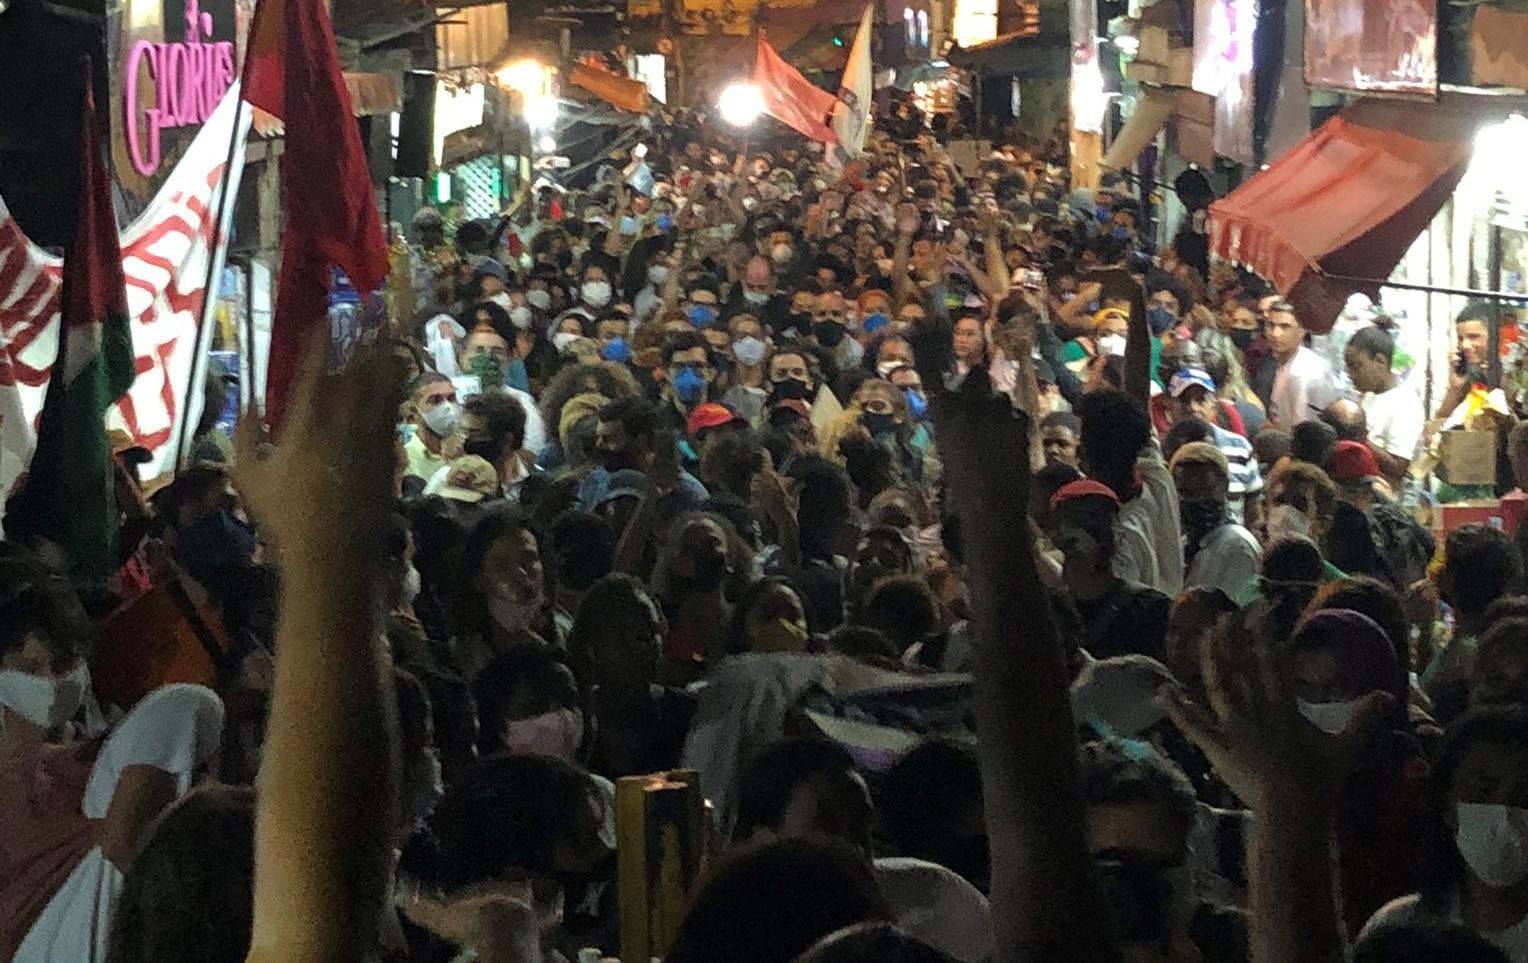 MANIFESTANTES PROTESTAM CONTRA CHACINA EM JACAREZINHO QUE DEIXOU 28 MORTOS